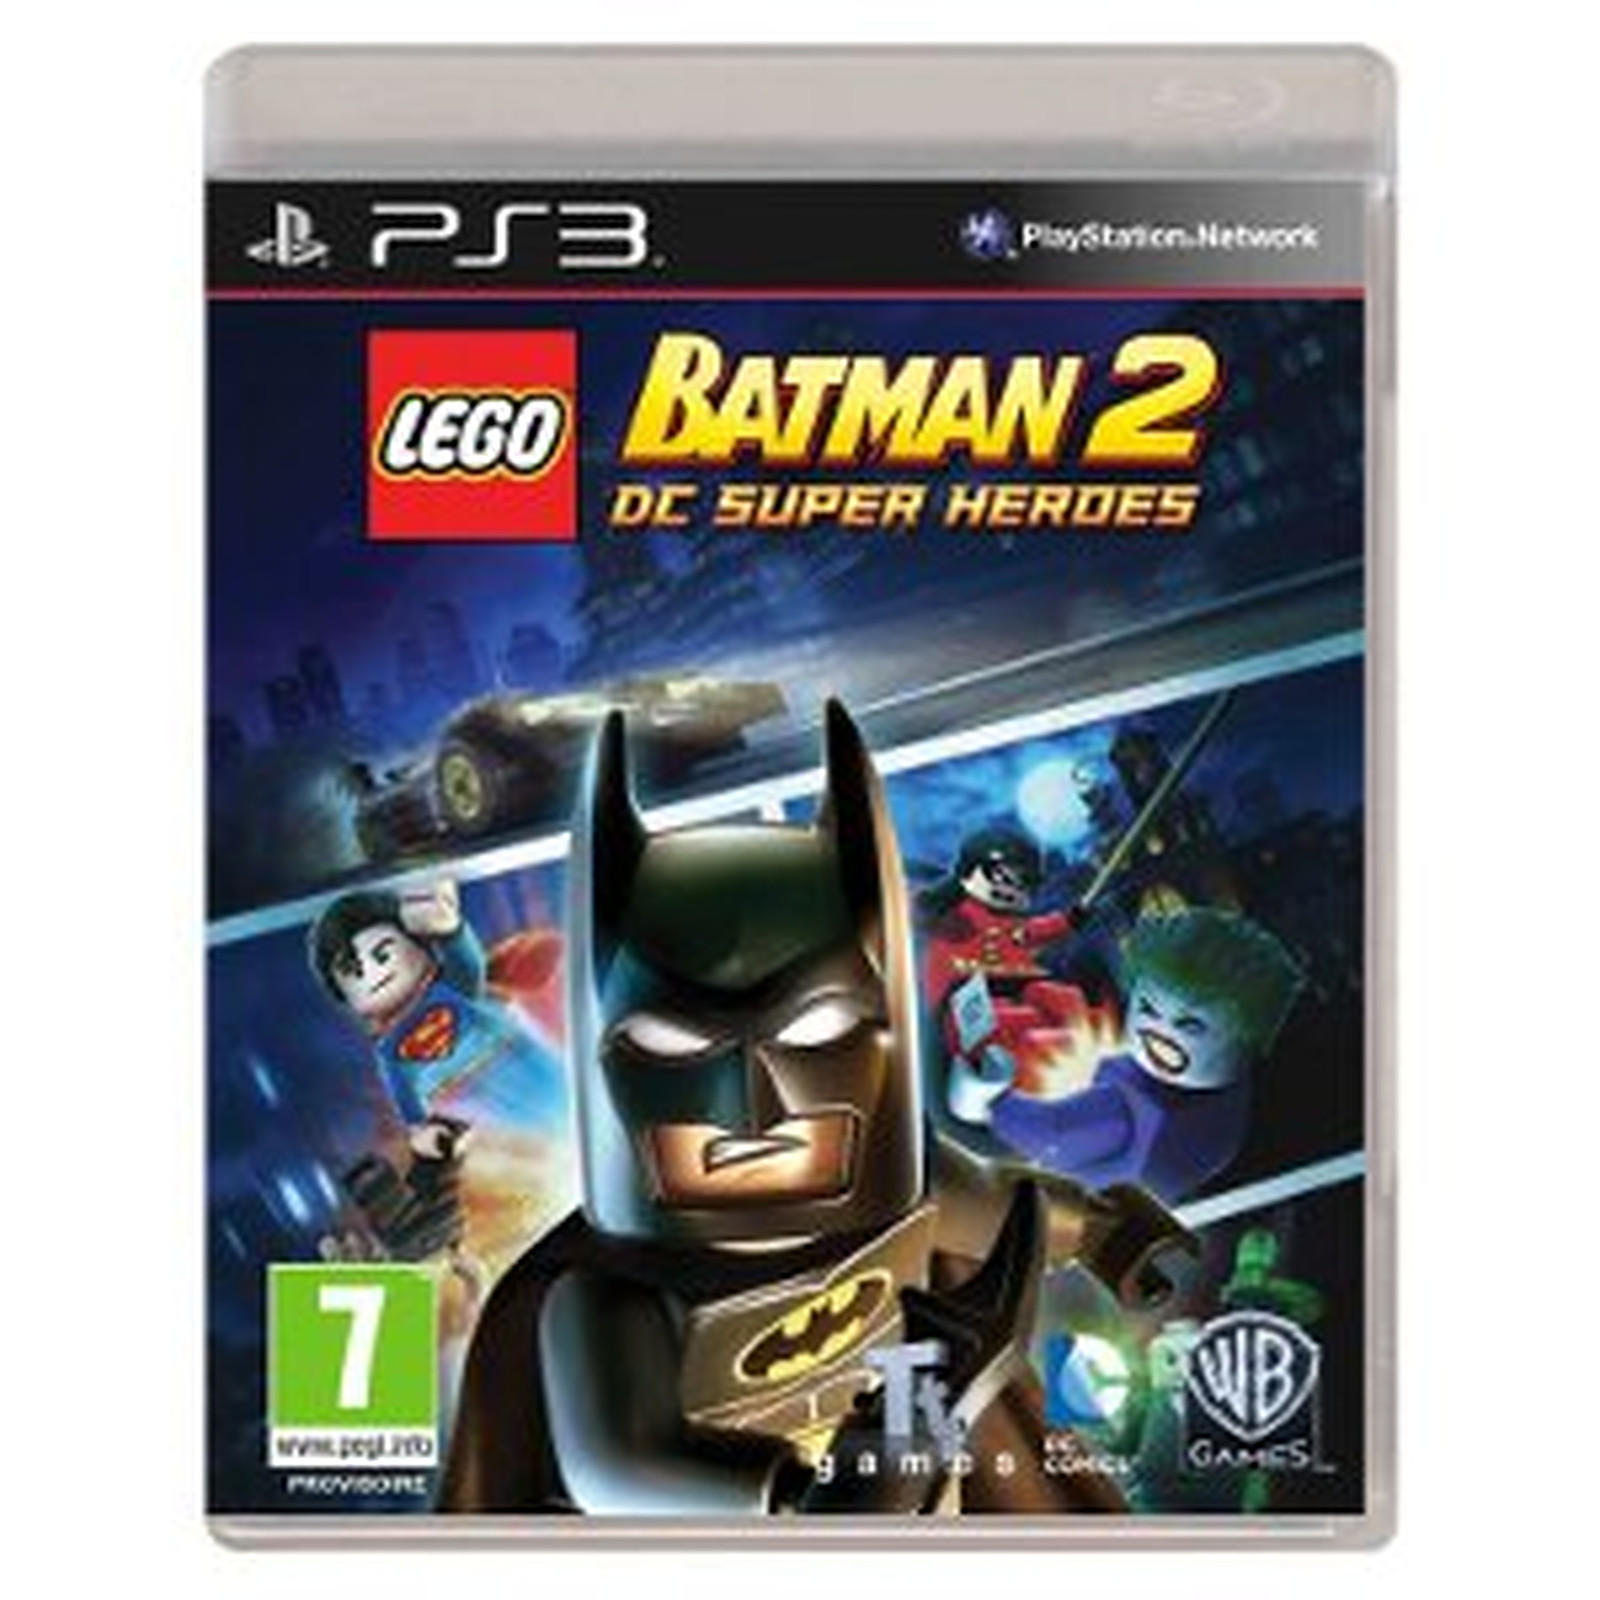 Lego Batman 2 : DC Super Heroes (PS3)